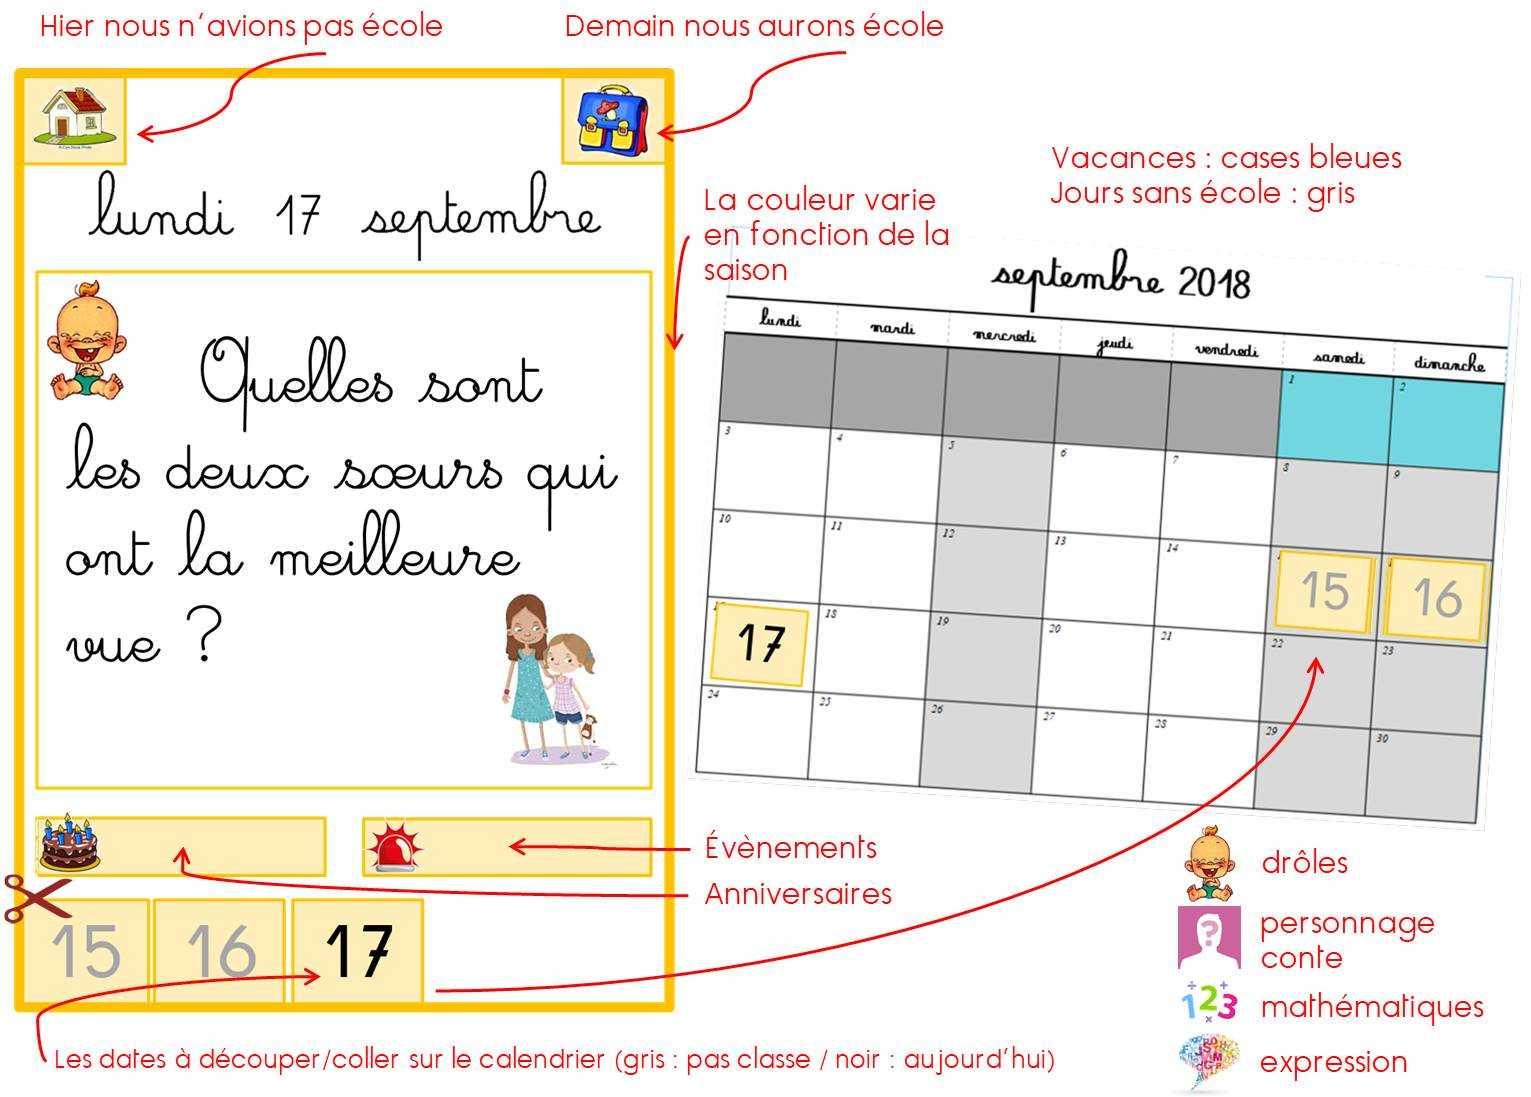 Partager Calendrier Outlook 2020.Ephemeride 2019 2020 Ti Loustics Explorer Le Monde